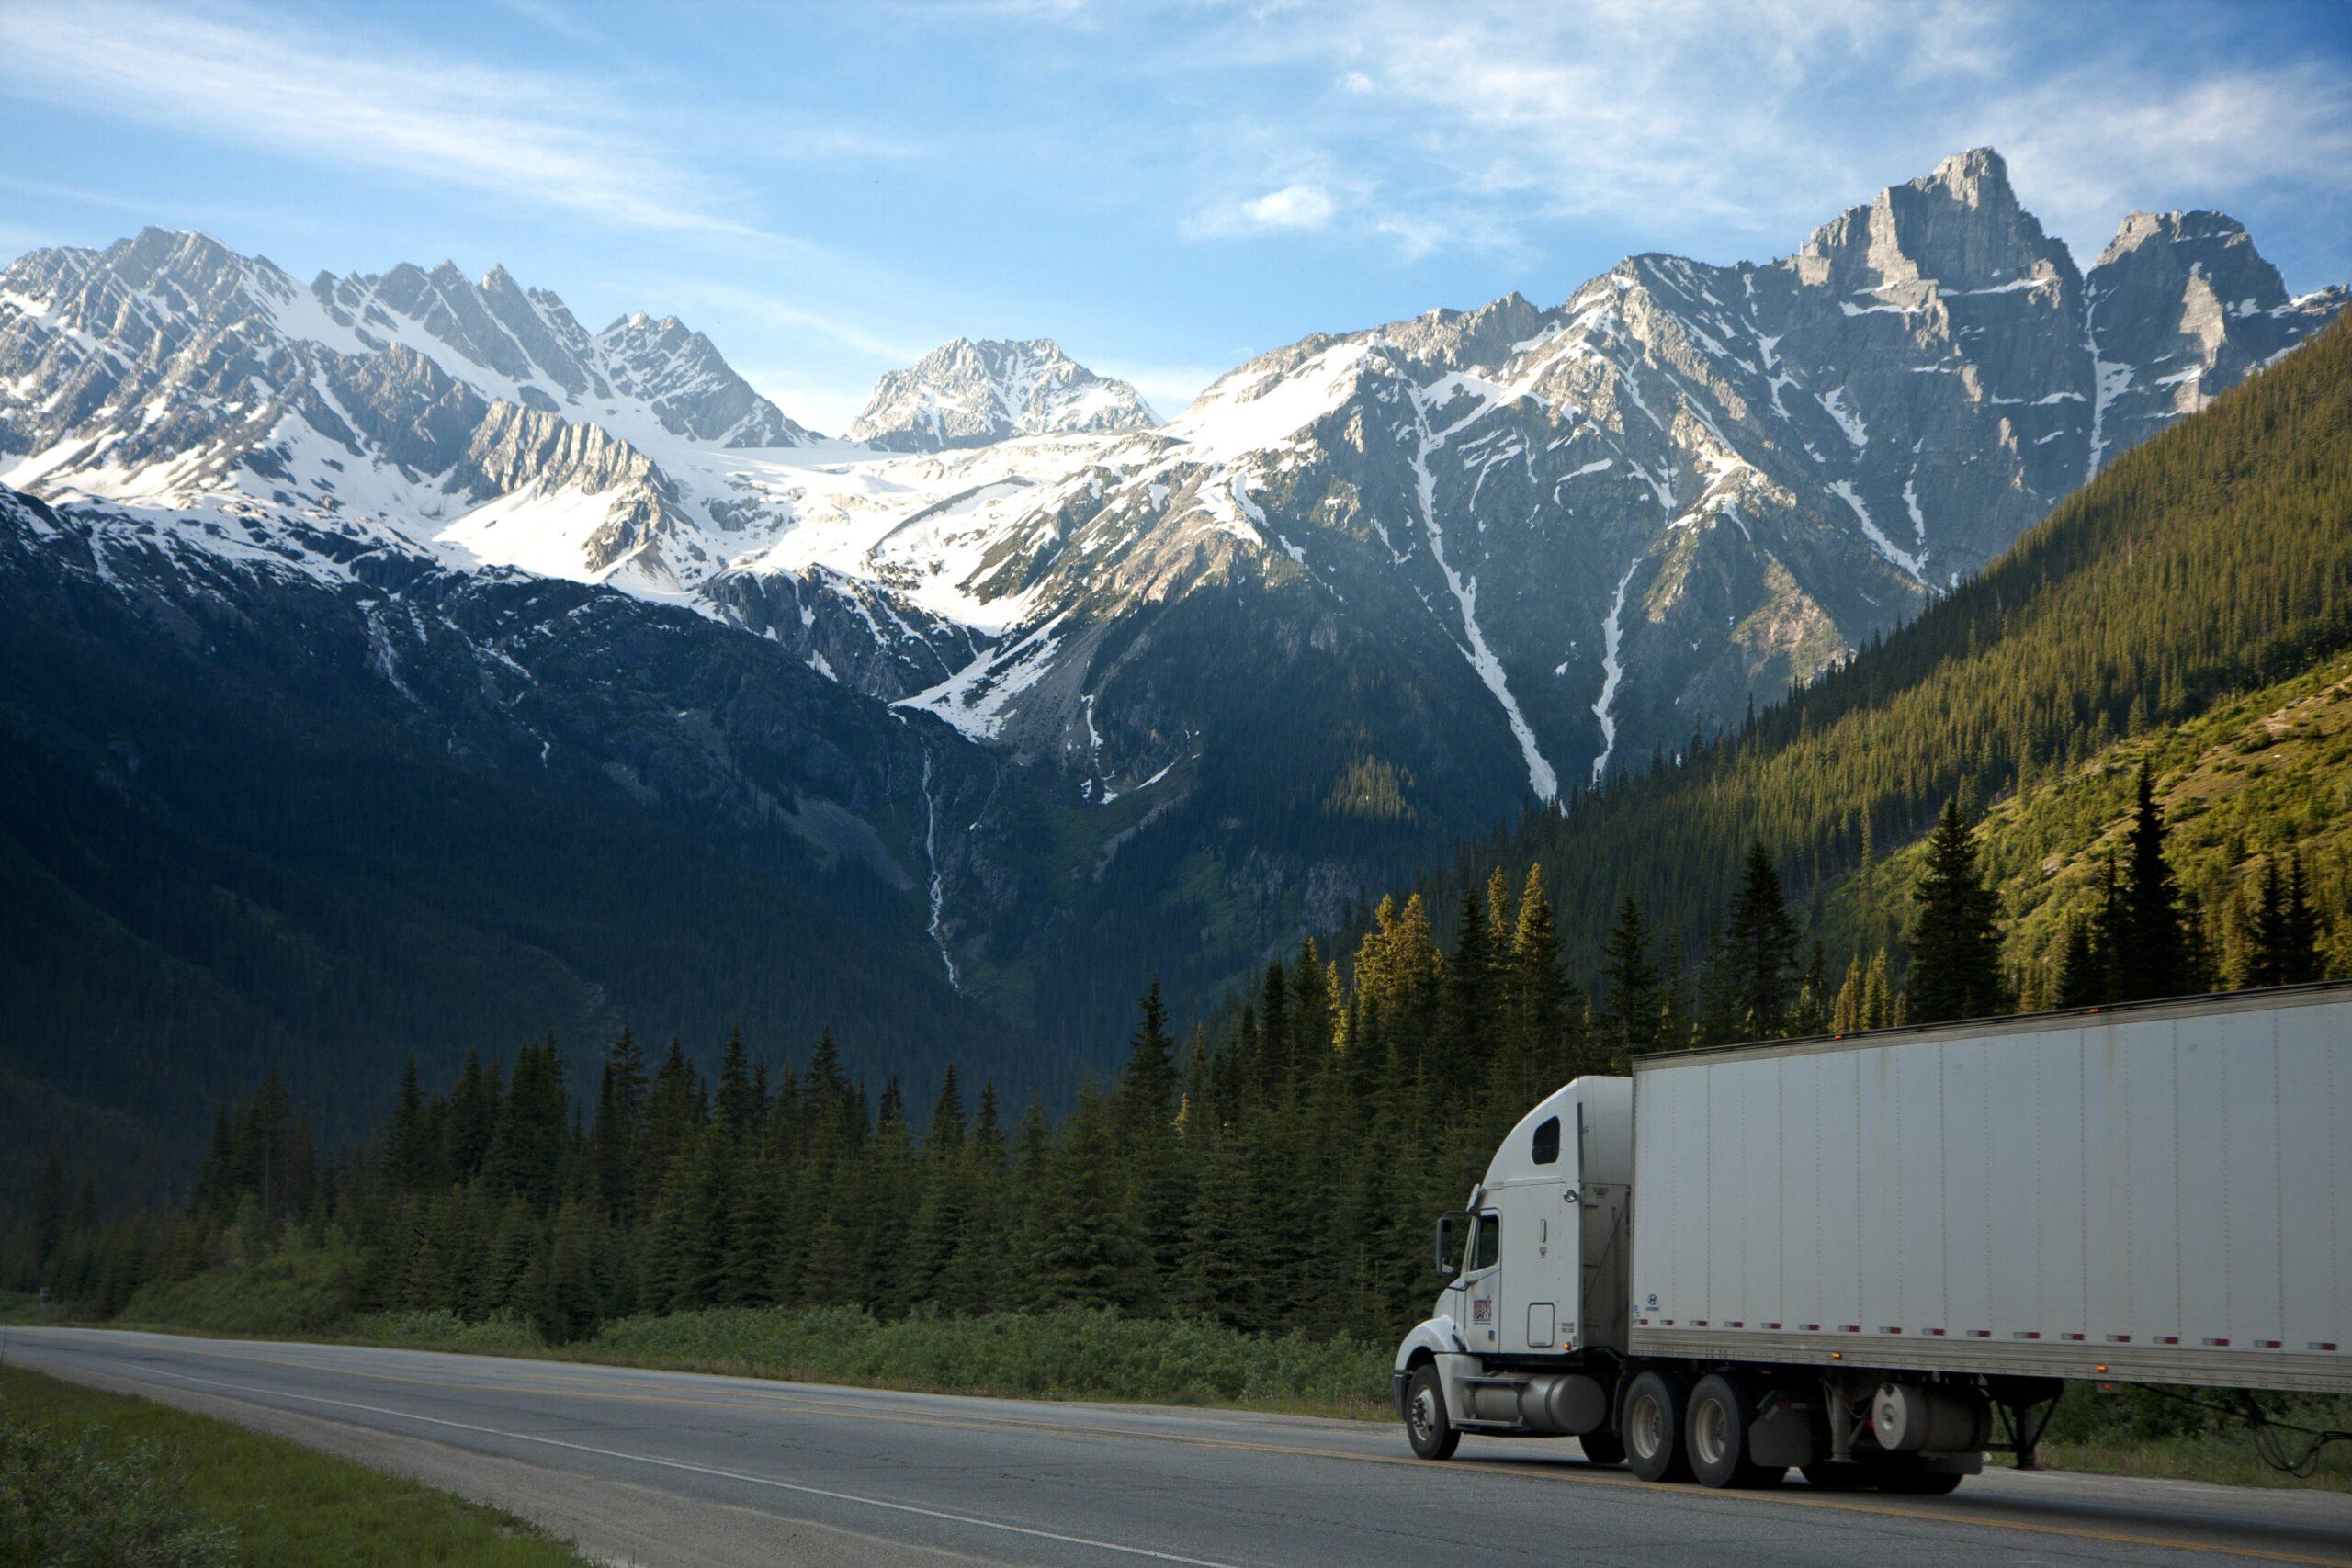 Осенние транспортные новости – зимнее оборудование для грузовых автомобилей во Франции, новые тарифы на дорожные сборы в Германии и снижение платы за проезд в Австрии